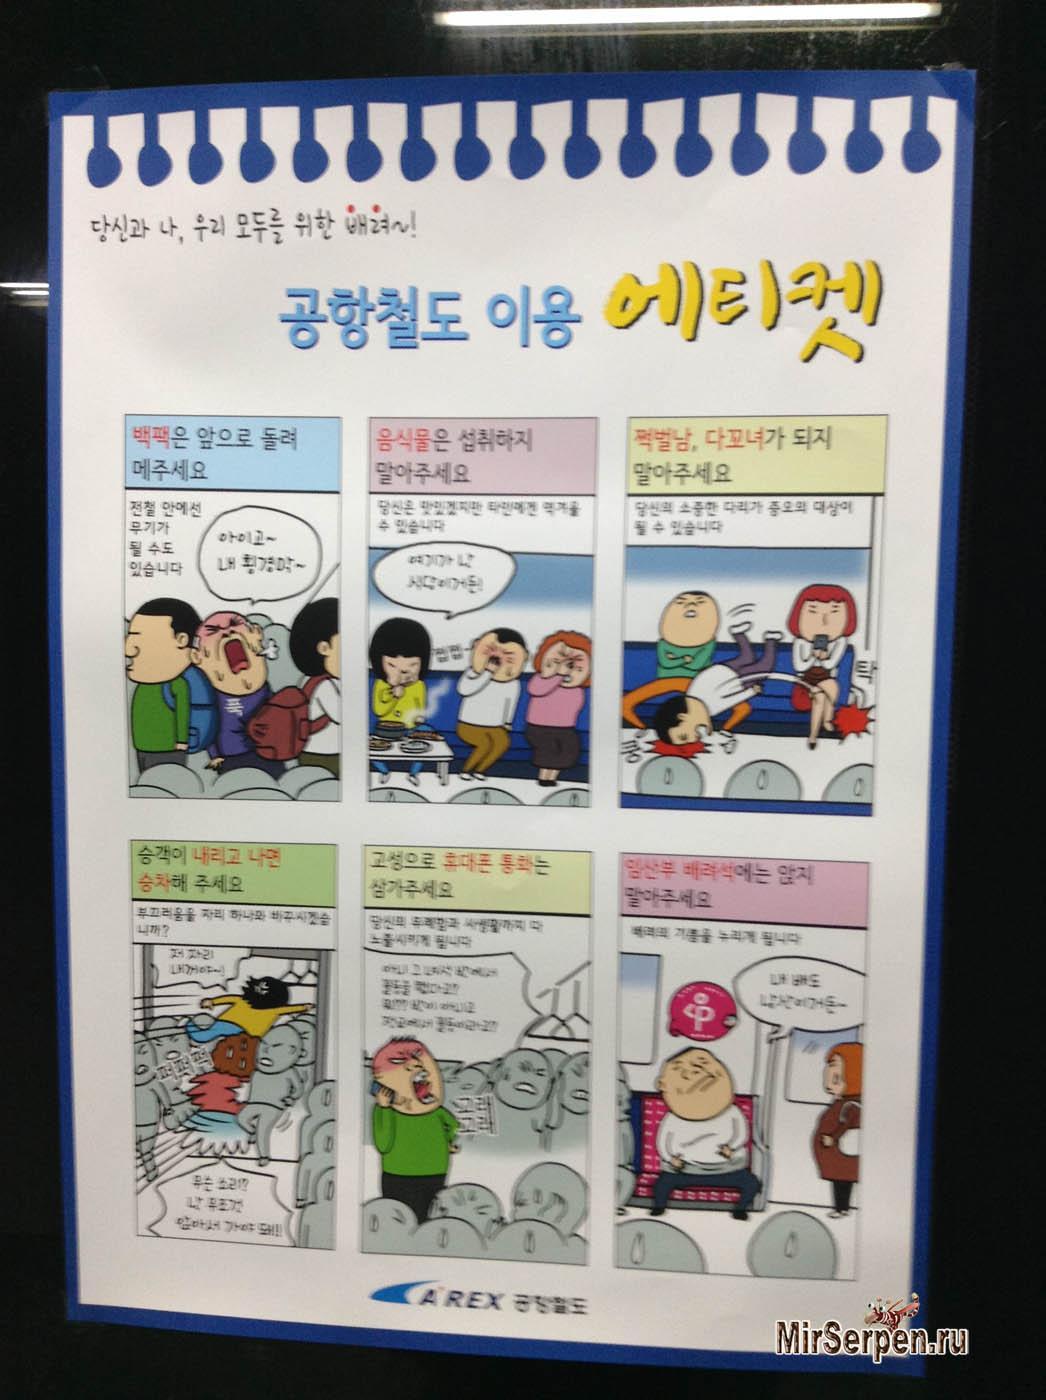 Правила поведения в метро Южной Кореи